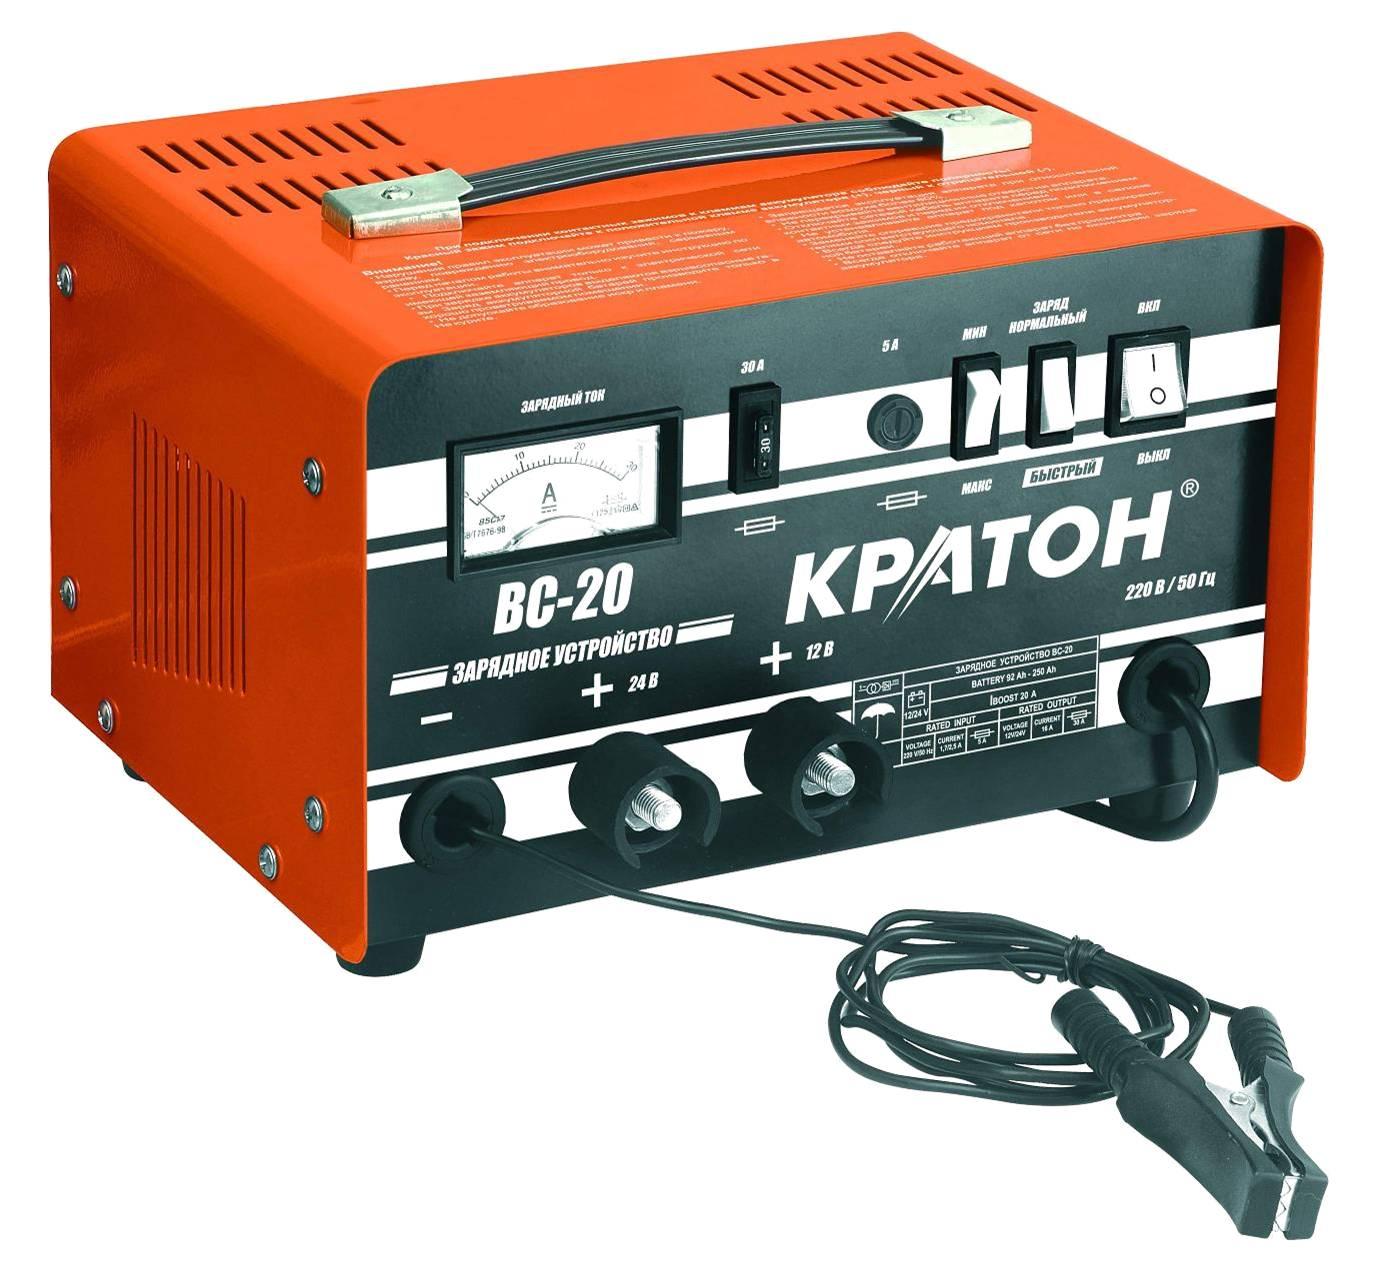 Зарядное устройство КРАТОН Bc-20